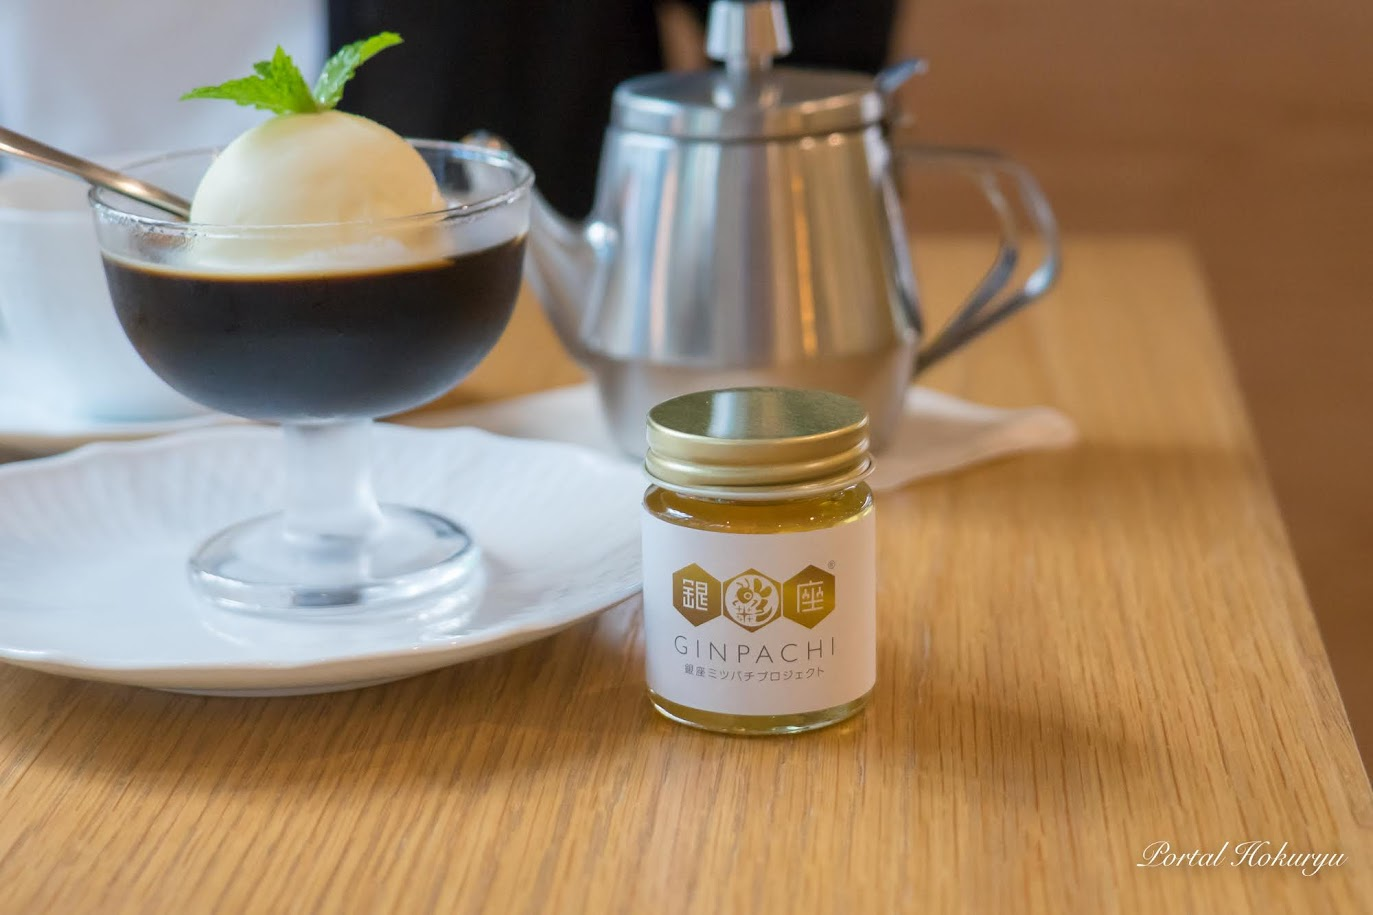 銀座ミツバチプロジェクトの蜂蜜 & はちみつトッピングのコーヒーゼリー